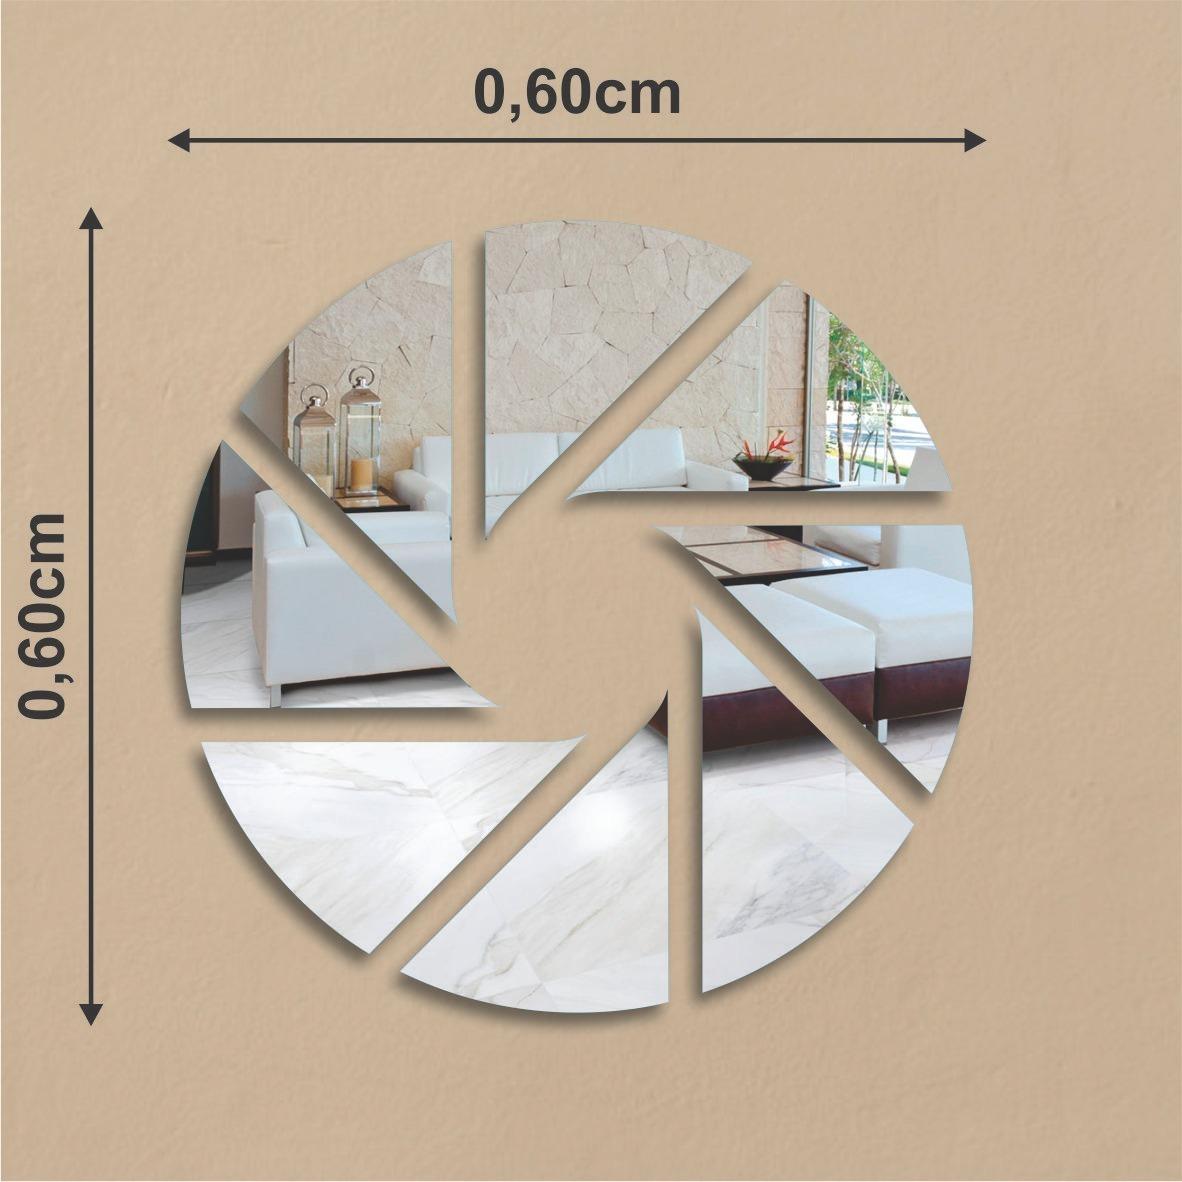 Espelhos De Vidro Grande Para Sala Decora O Barato R 99 99  ~ Espelho Grande Para Quarto Barato